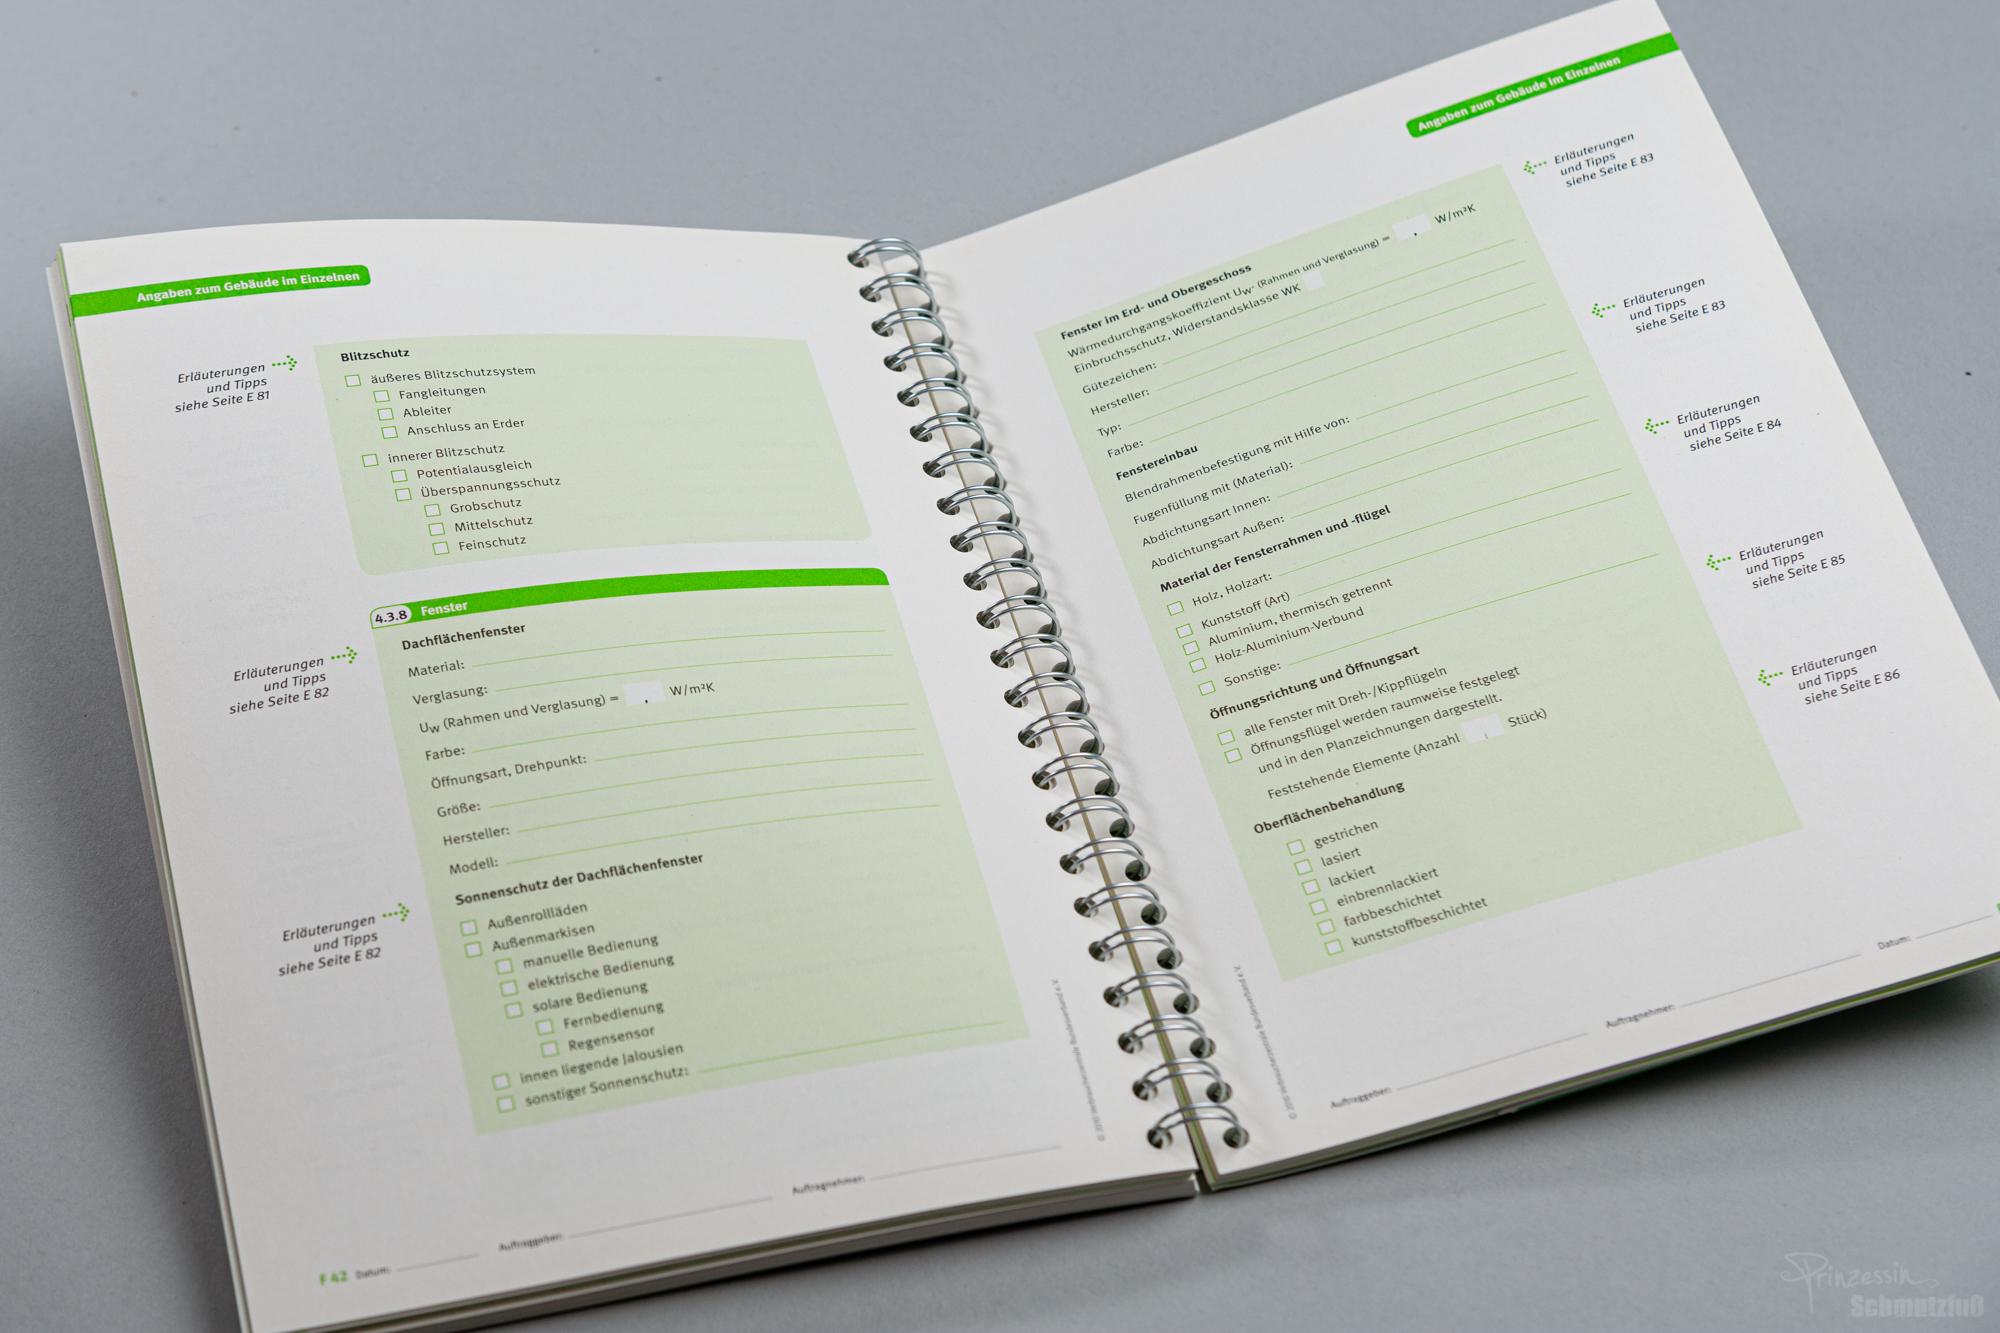 Erstellung eines umfangreichen Formulars im Rahmen eines CDs | Musterbaubeschreibung | Verbraucherzentralen | Anstellung bei da vinci design